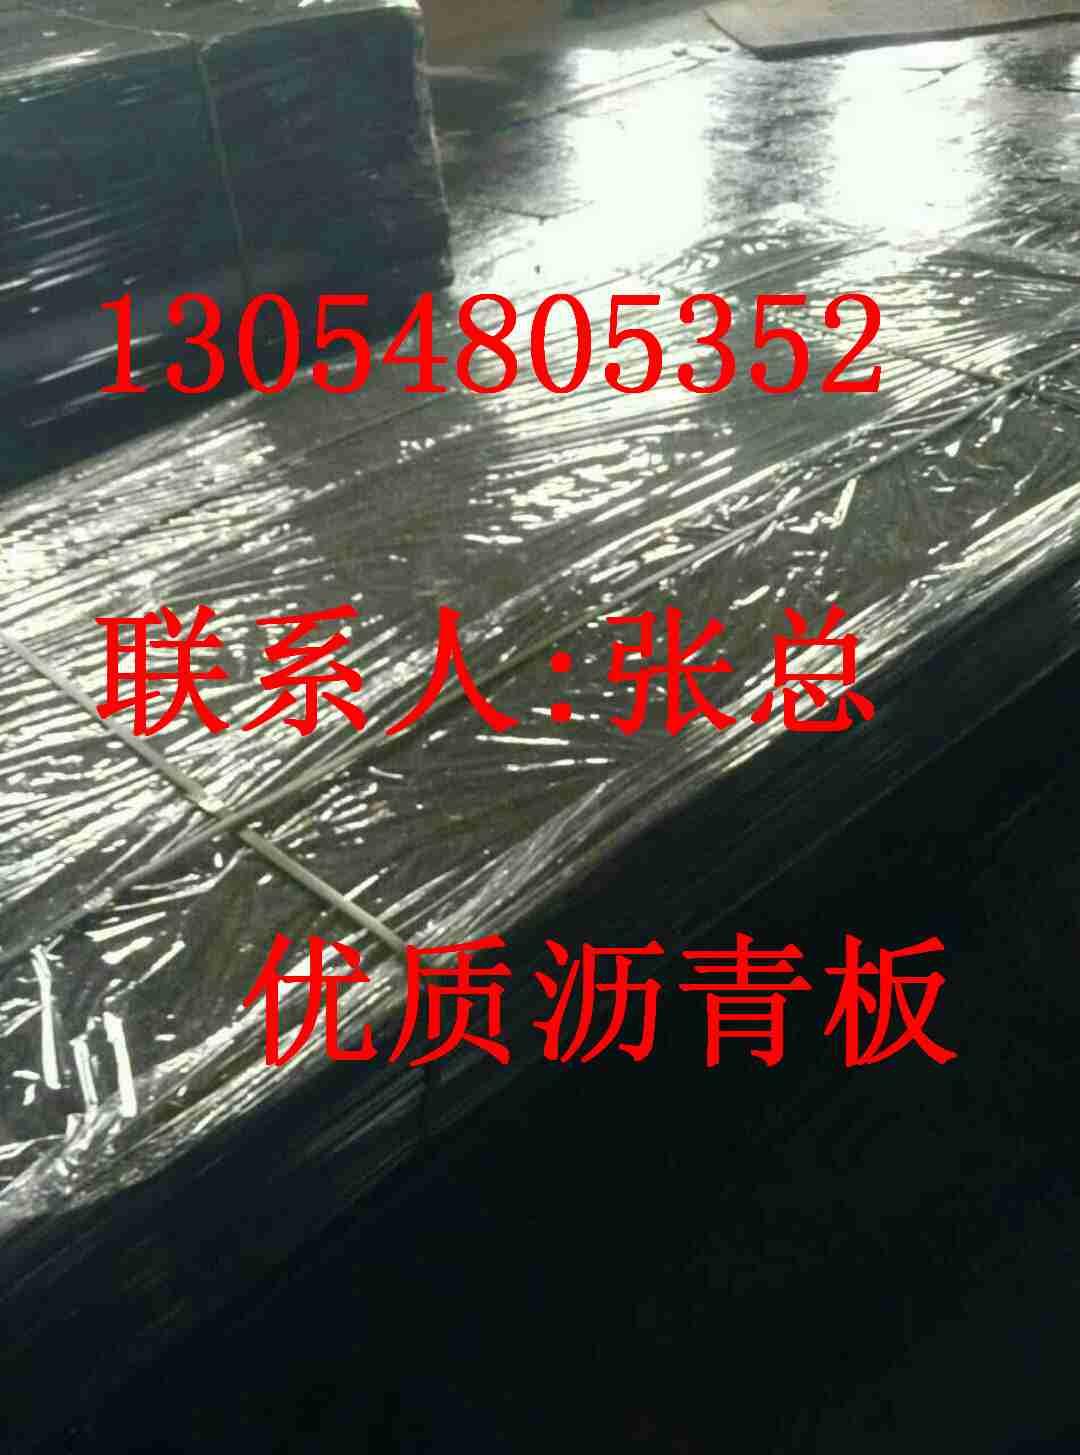 乳化瀝青木絲板 今日價錢/遂寧市安居區價格多少生產公司